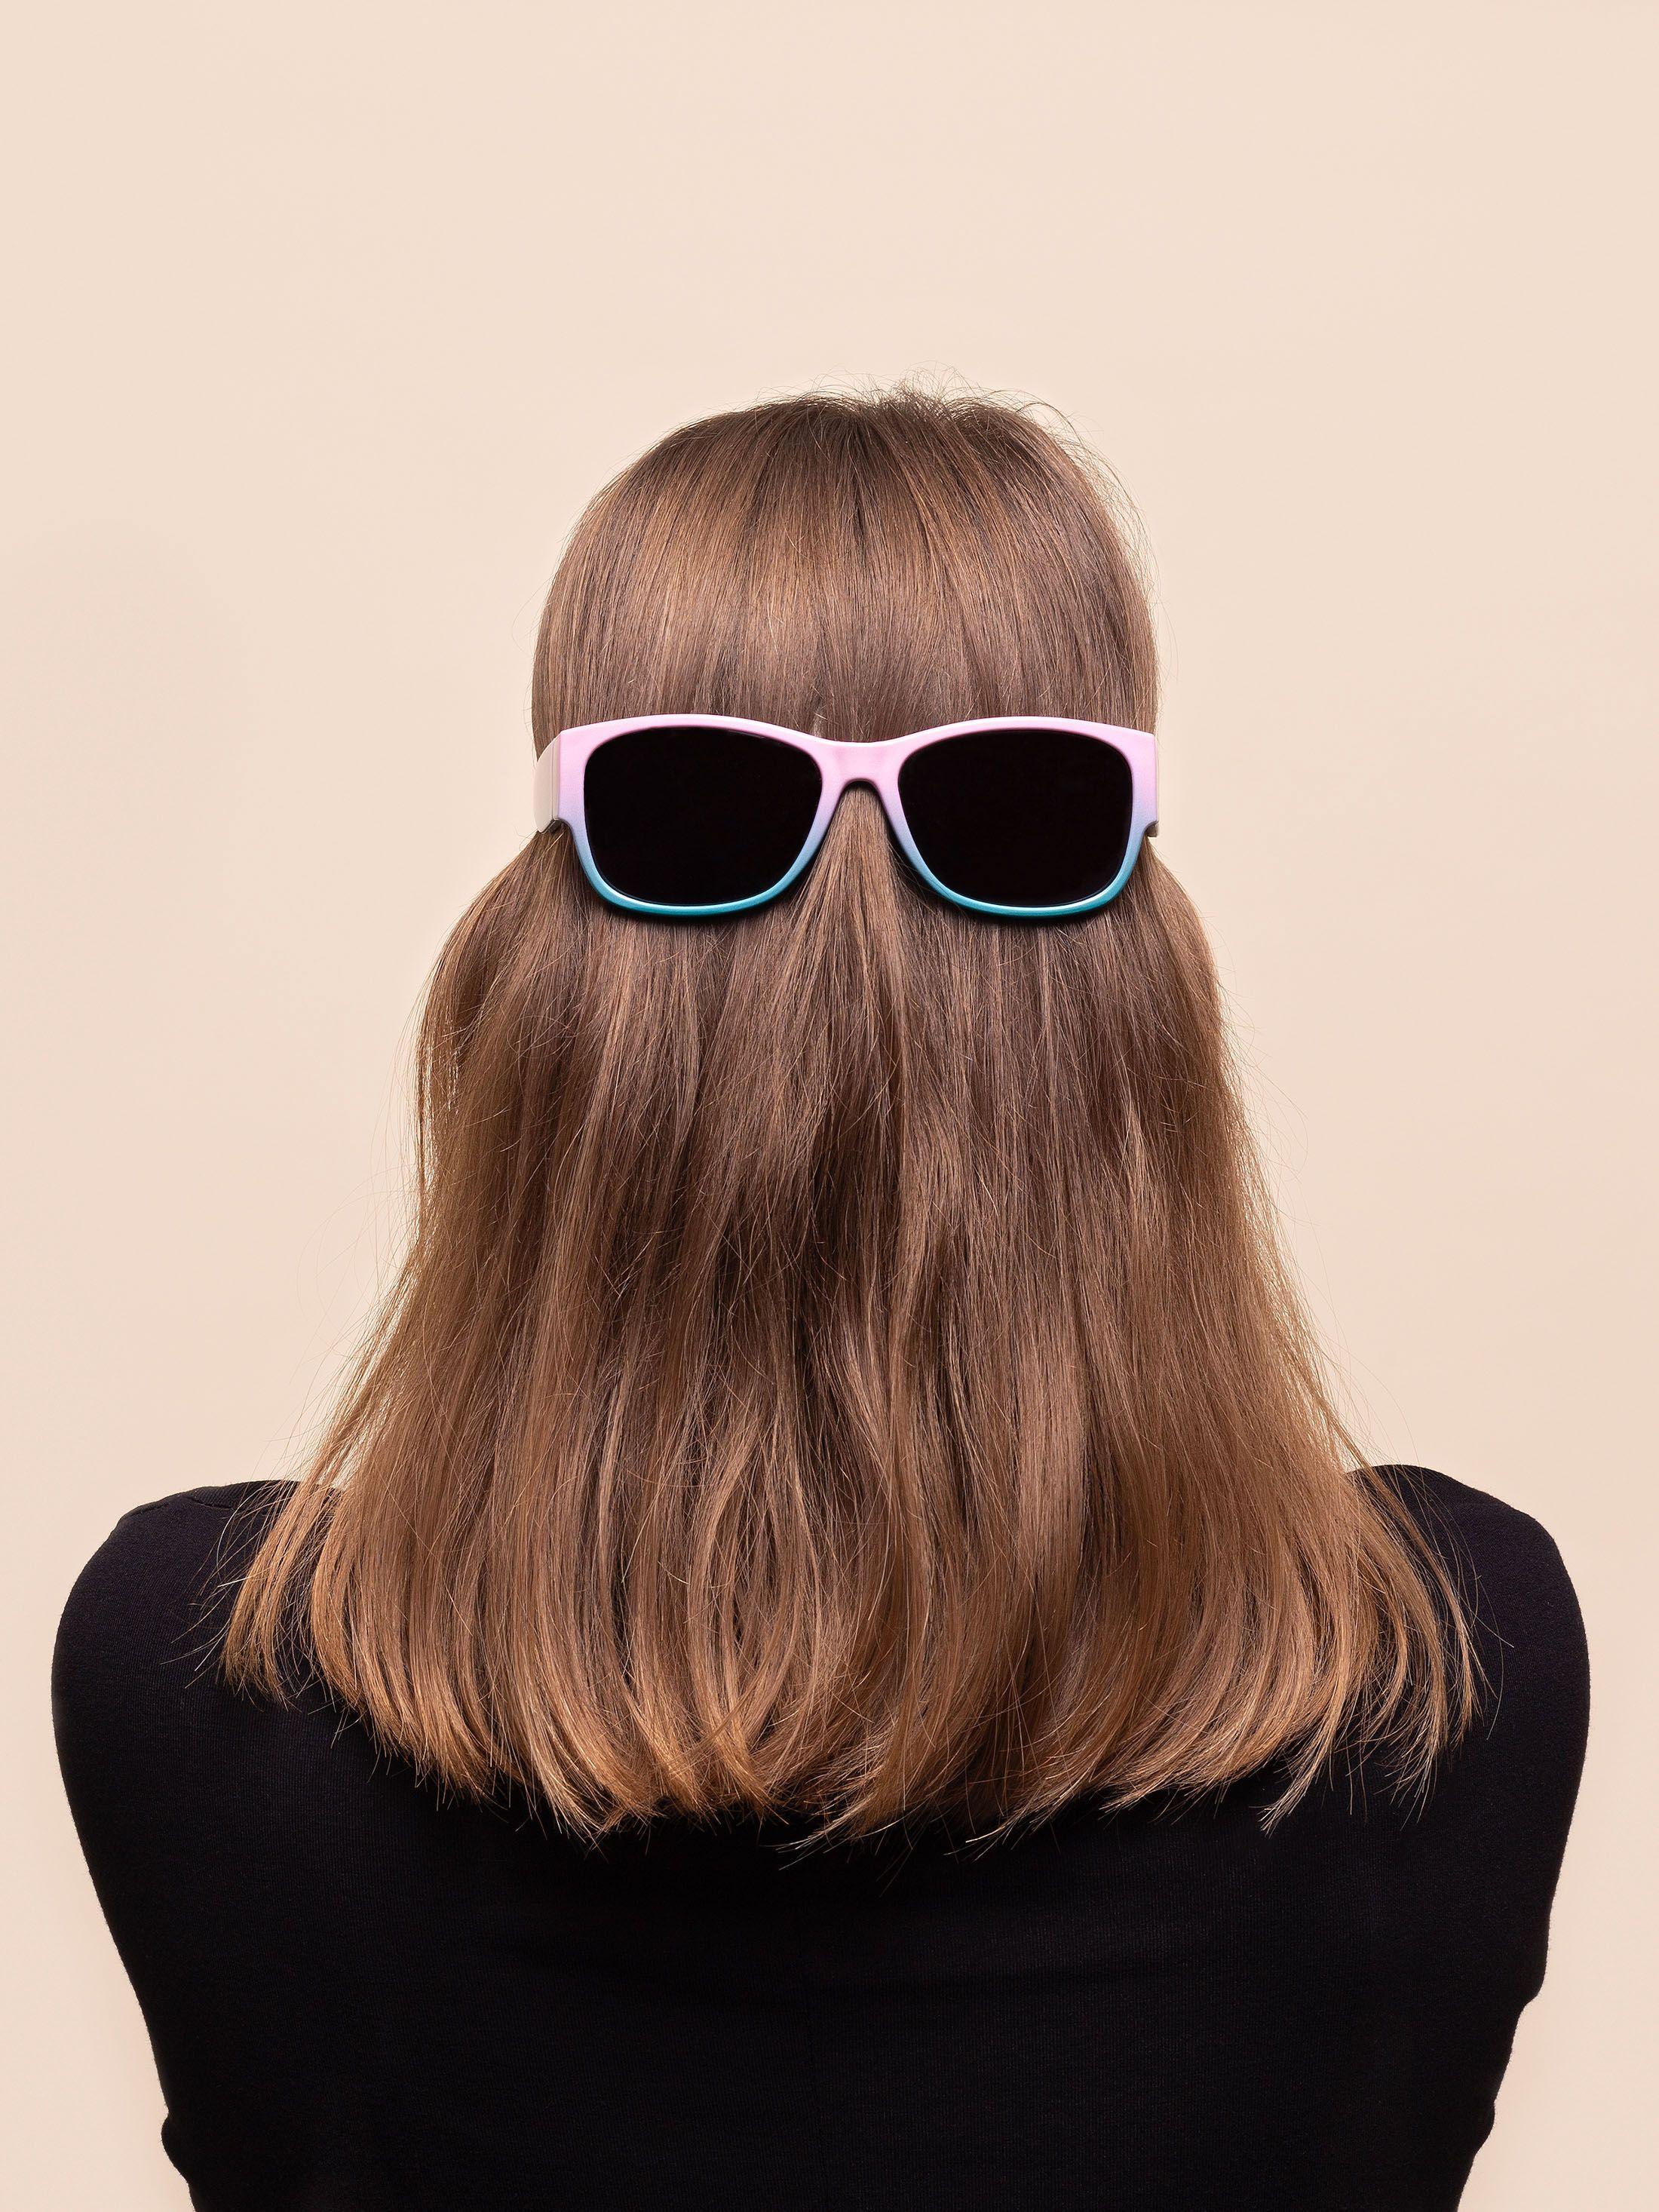 occhiali da sole personalizzati online